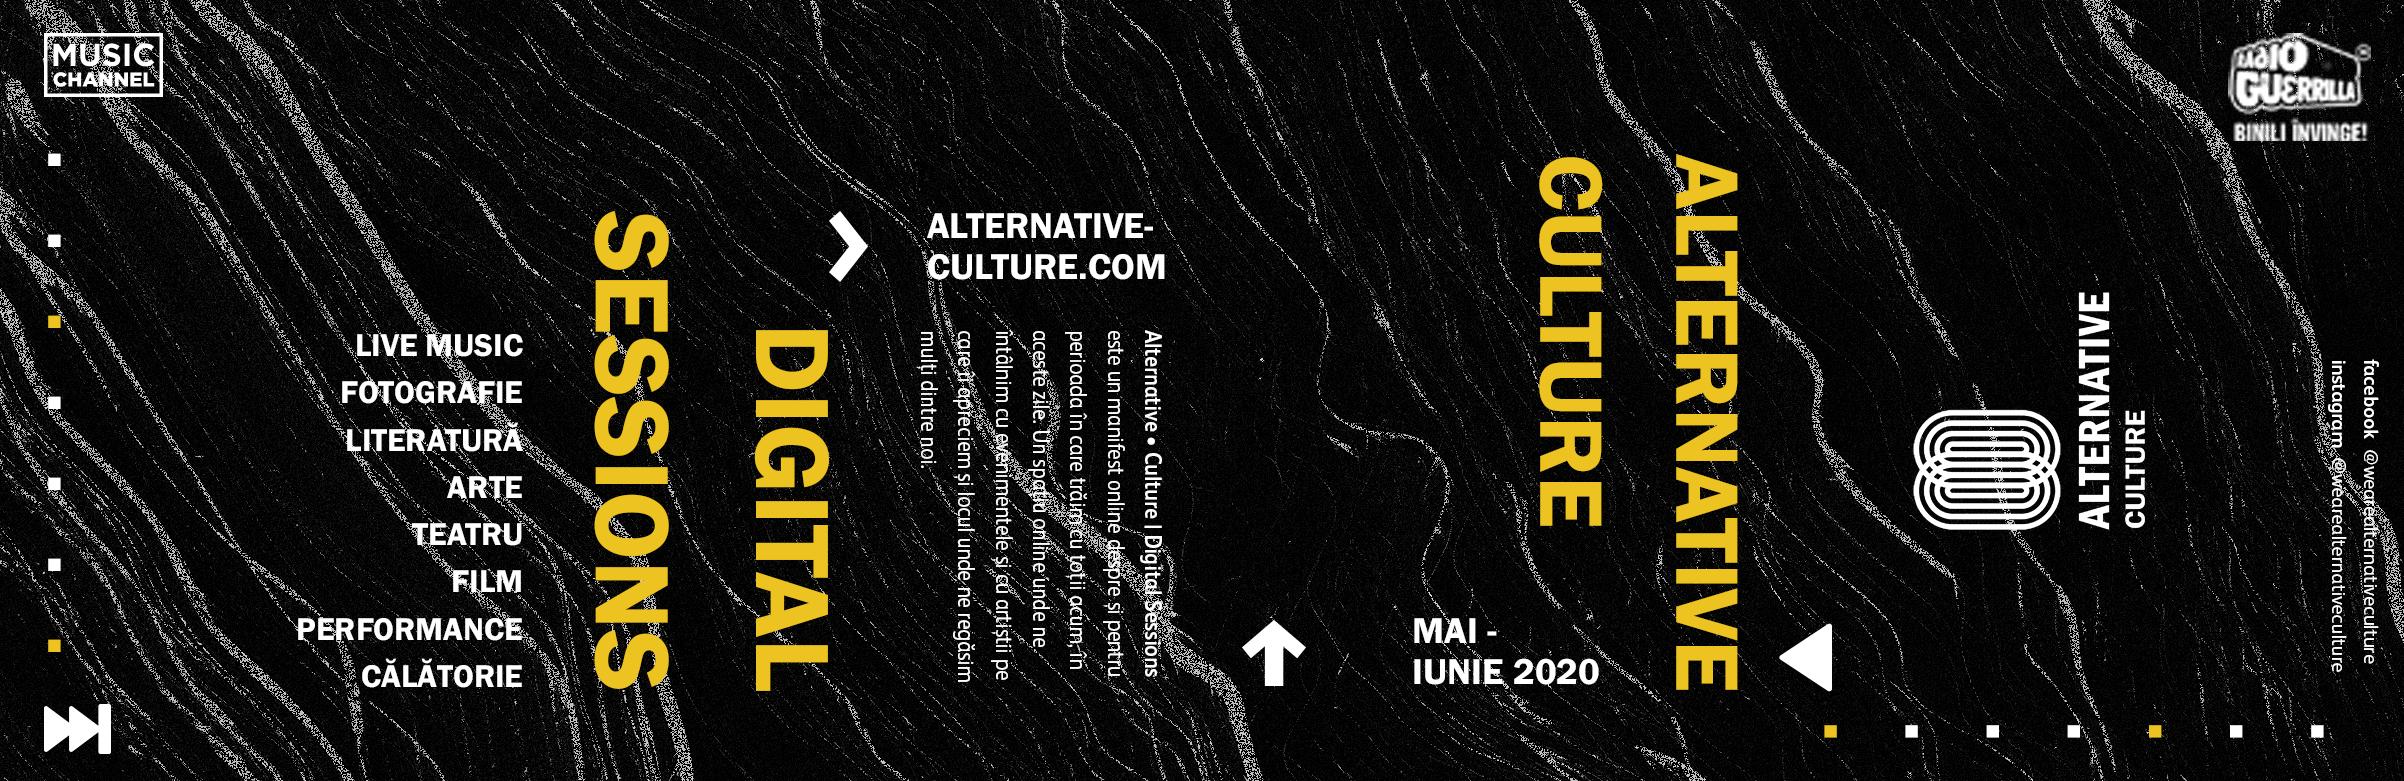 alternative culture